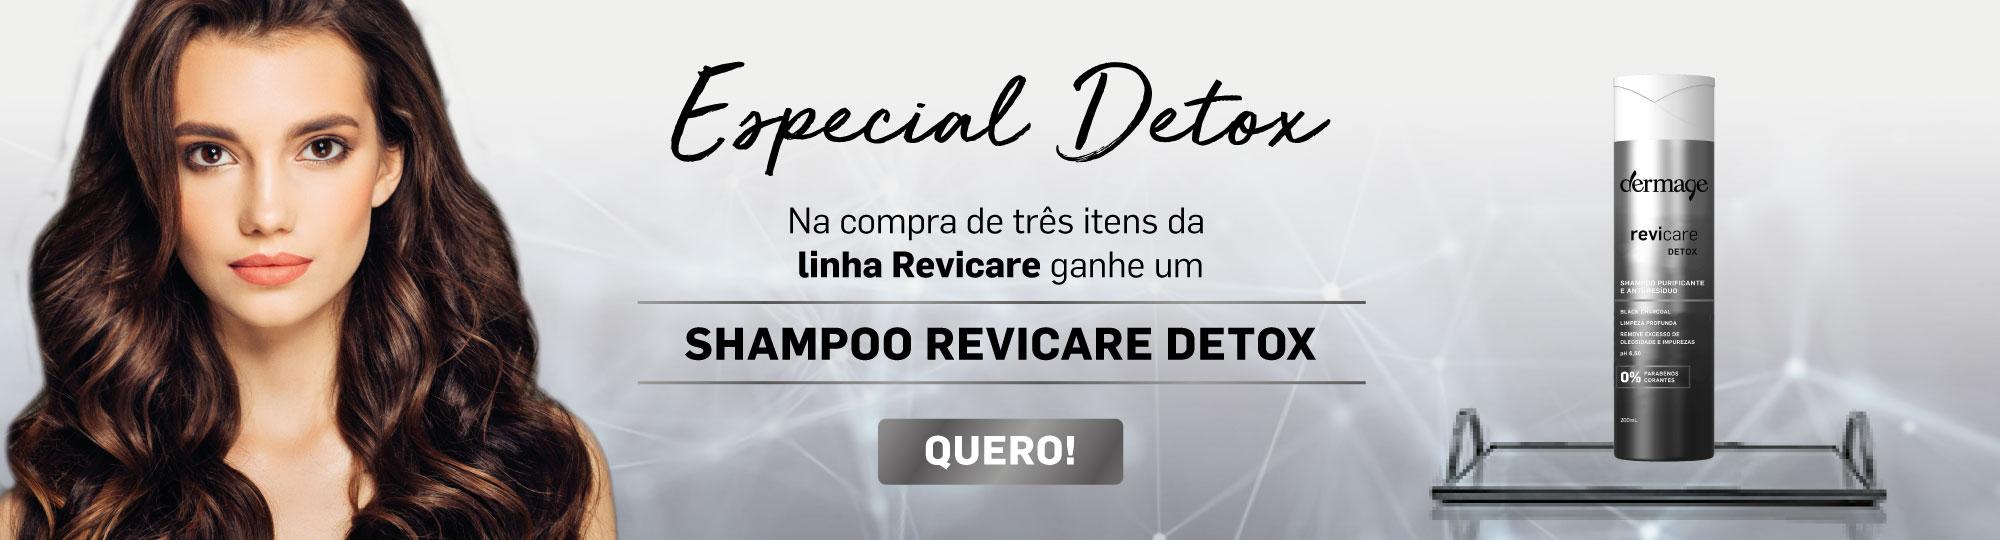 especial detox